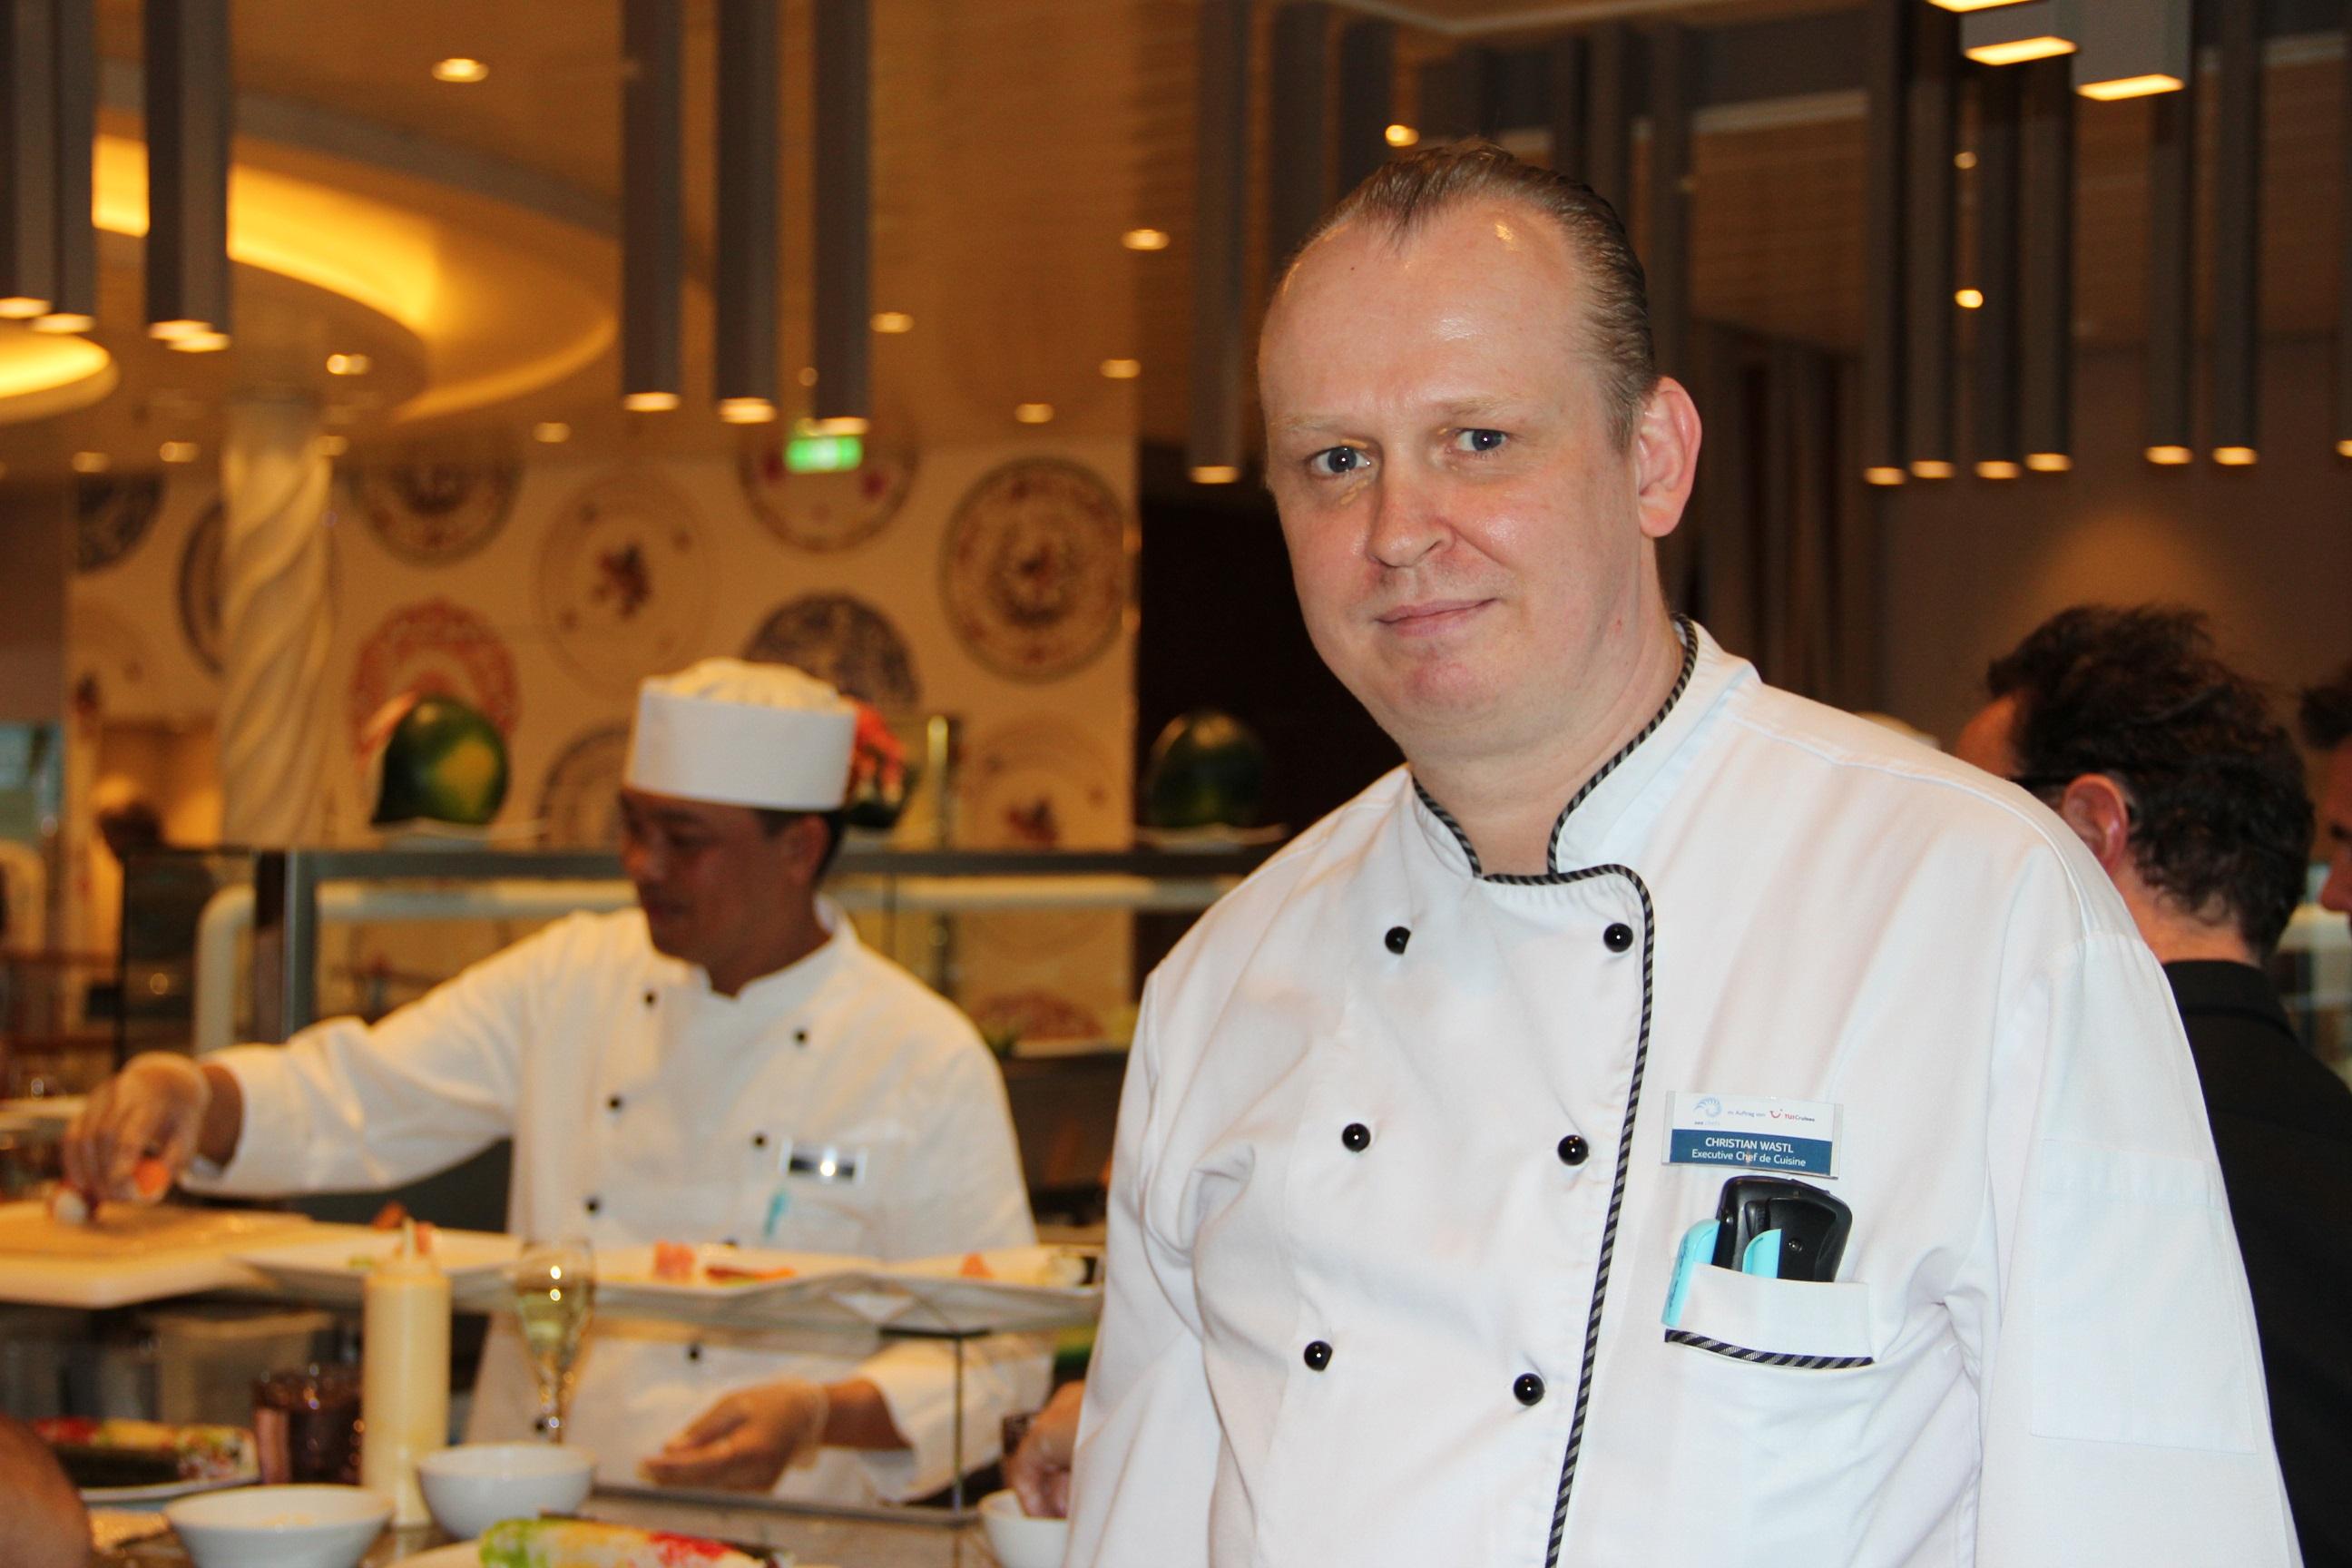 Mein Schiff Küchenchef Christian Wastl beim Sushi Workshop